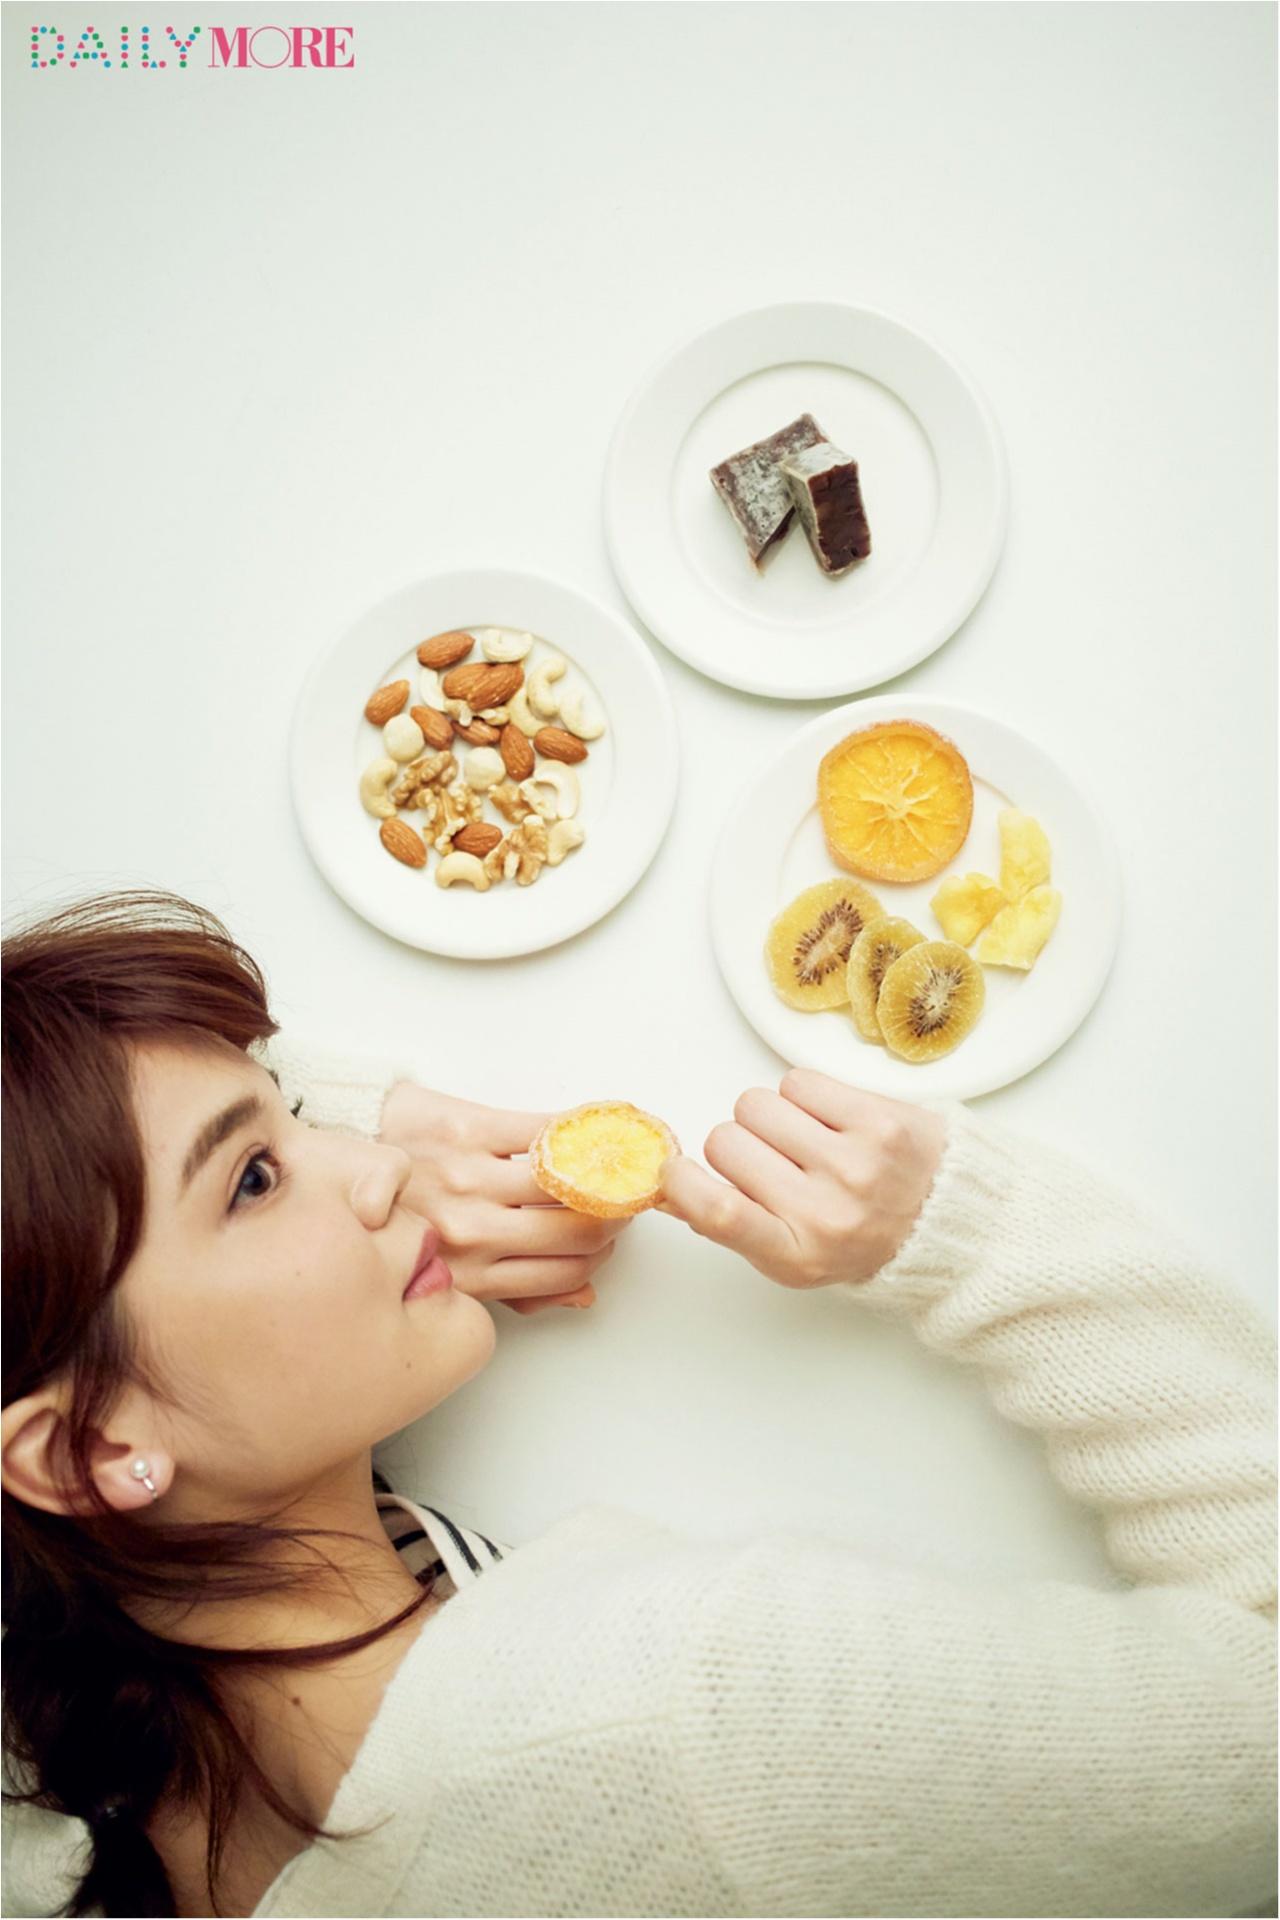 あずき、ナッツなどが体を温めるおやつって知ってた? 〝冷え〟を本当に取るためのQ&A ~食べ物編~_1